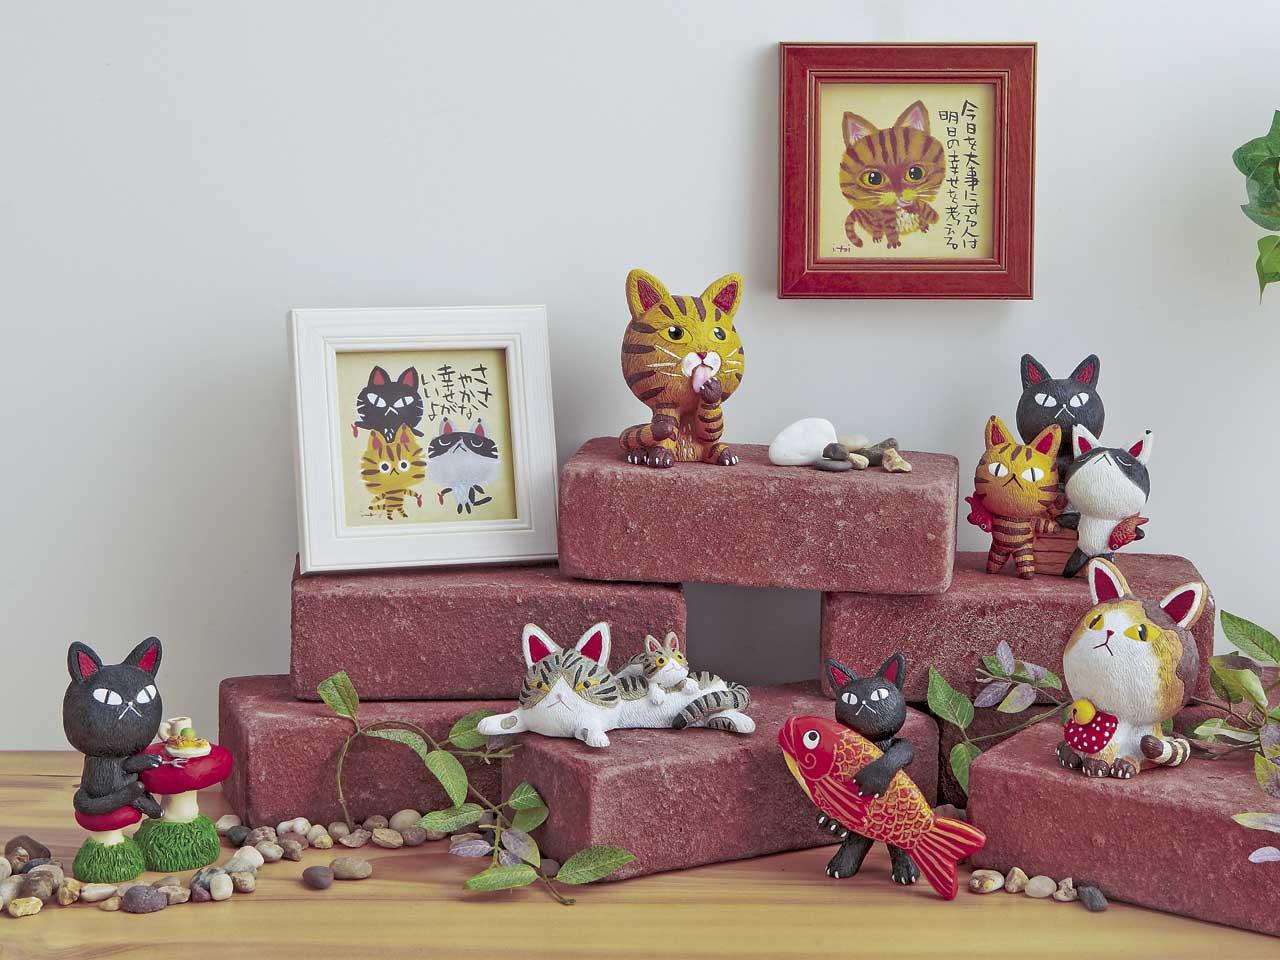 メッセージアート ゆうパケット 糸井忠晴 ミニ アート フレーム「朝の洗礼」/猫 おしゃれ 飾る かわいい